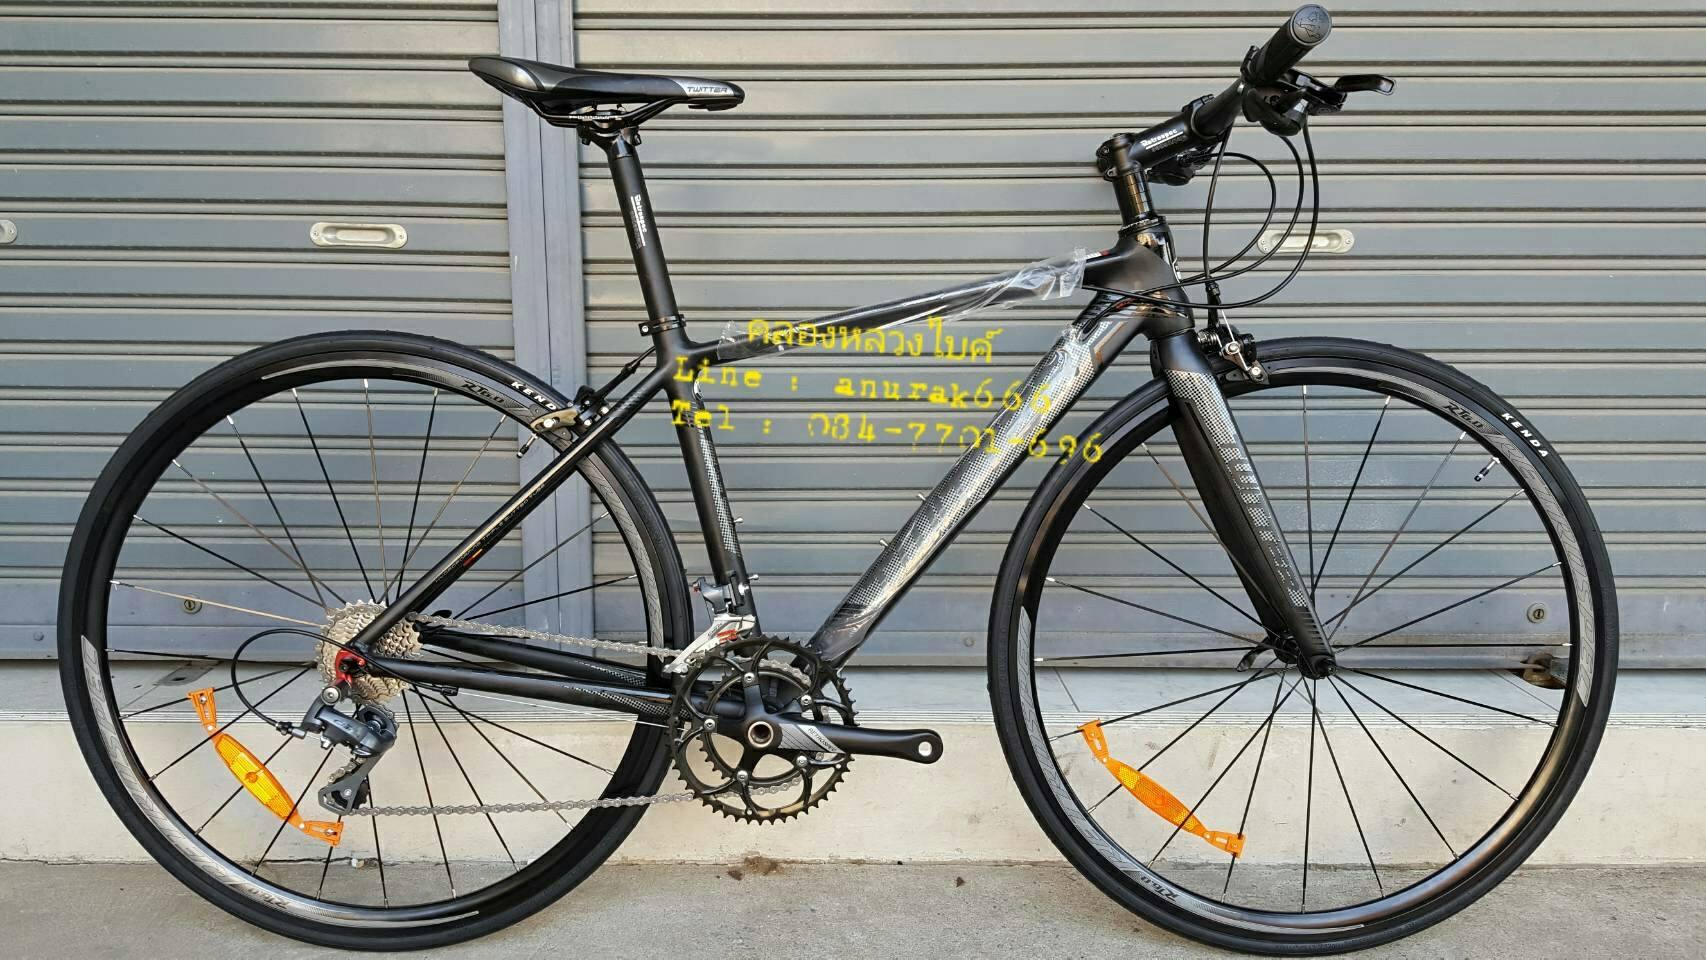 จักรยานไฮบริด (หมอบแฮนด์ตรง) Twitter CZ1 Hybrid เฟรมอลู สีดำล้วน ตะเกียบคาร์บอน ชุดขับ Shimano Claris 16 Speed ดุมล้อแบริ่ง กระโหลกกลวง